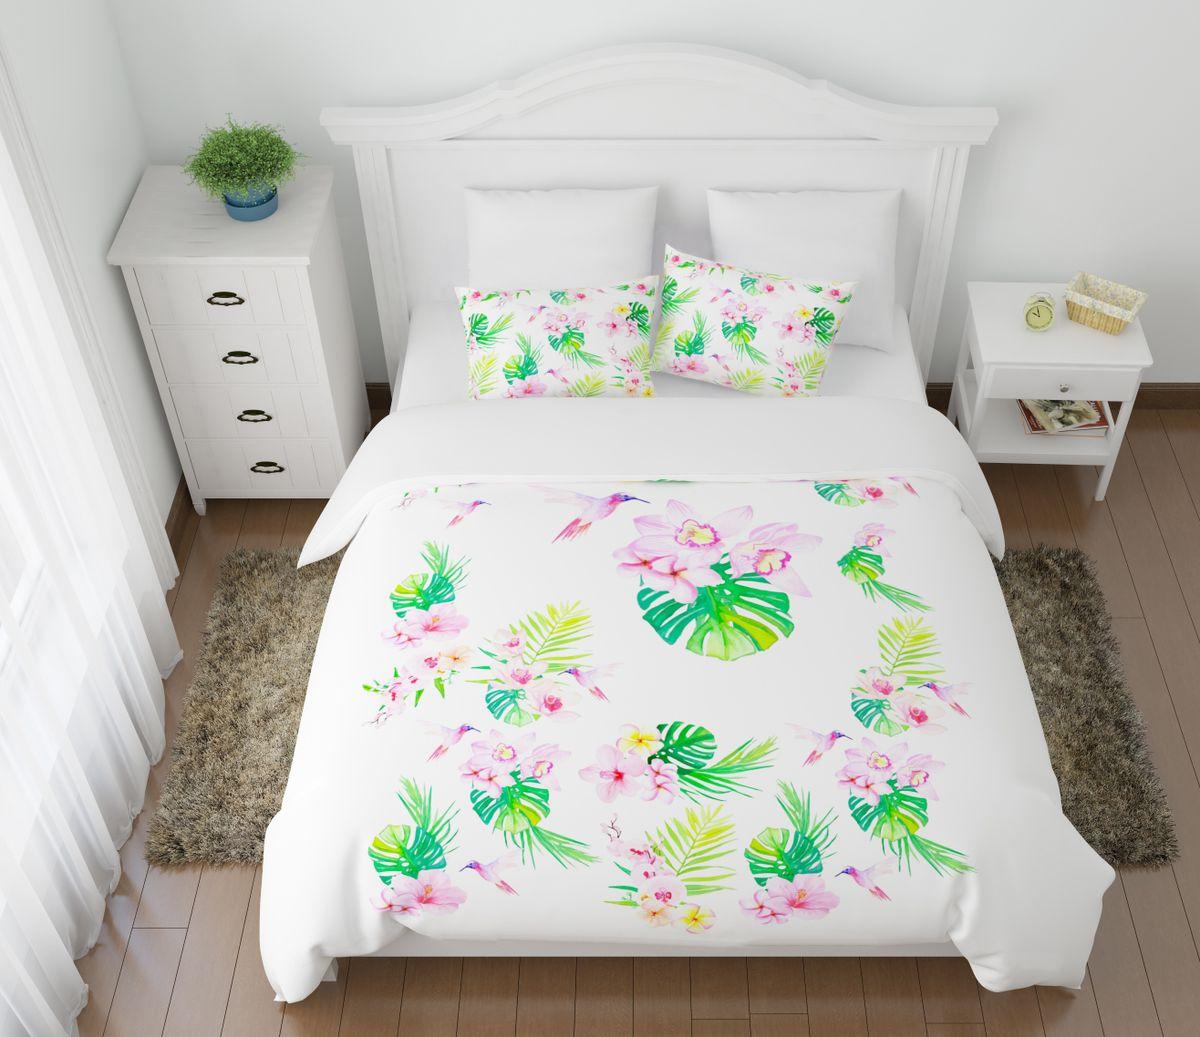 Комплект белья Сирень Утро в тропиках, 2-спальный, наволочки 50х70ES-412Комплект постельного белья Сирень 2-х спальный выполнен из прочной и мягкой ткани. Четкий и стильный рисунок в сочетании с насыщенными красками делают комплект постельного белья неповторимой изюминкой любого интерьера. Постельное белье идеально подойдет для подарка. Идеальное соотношение смешенной ткани и гипоаллергенных красок это гарантия здорового, спокойного сна. Ткань хорошо впитывает влагу, надолго сохраняет яркость красок. Цвет простыни, пододеяльника, наволочки в комплектации может немного отличаться от представленного на фото.В комплект входят: простыня - 200х220см; пододельяник 175х210 см; наволочка - 50х70х2шт. Постельное белье легко стирать при 30-40 градусах, гладить при 150 градусах, не отбеливать.Рекомендуется перед первым изпользованием постирать.